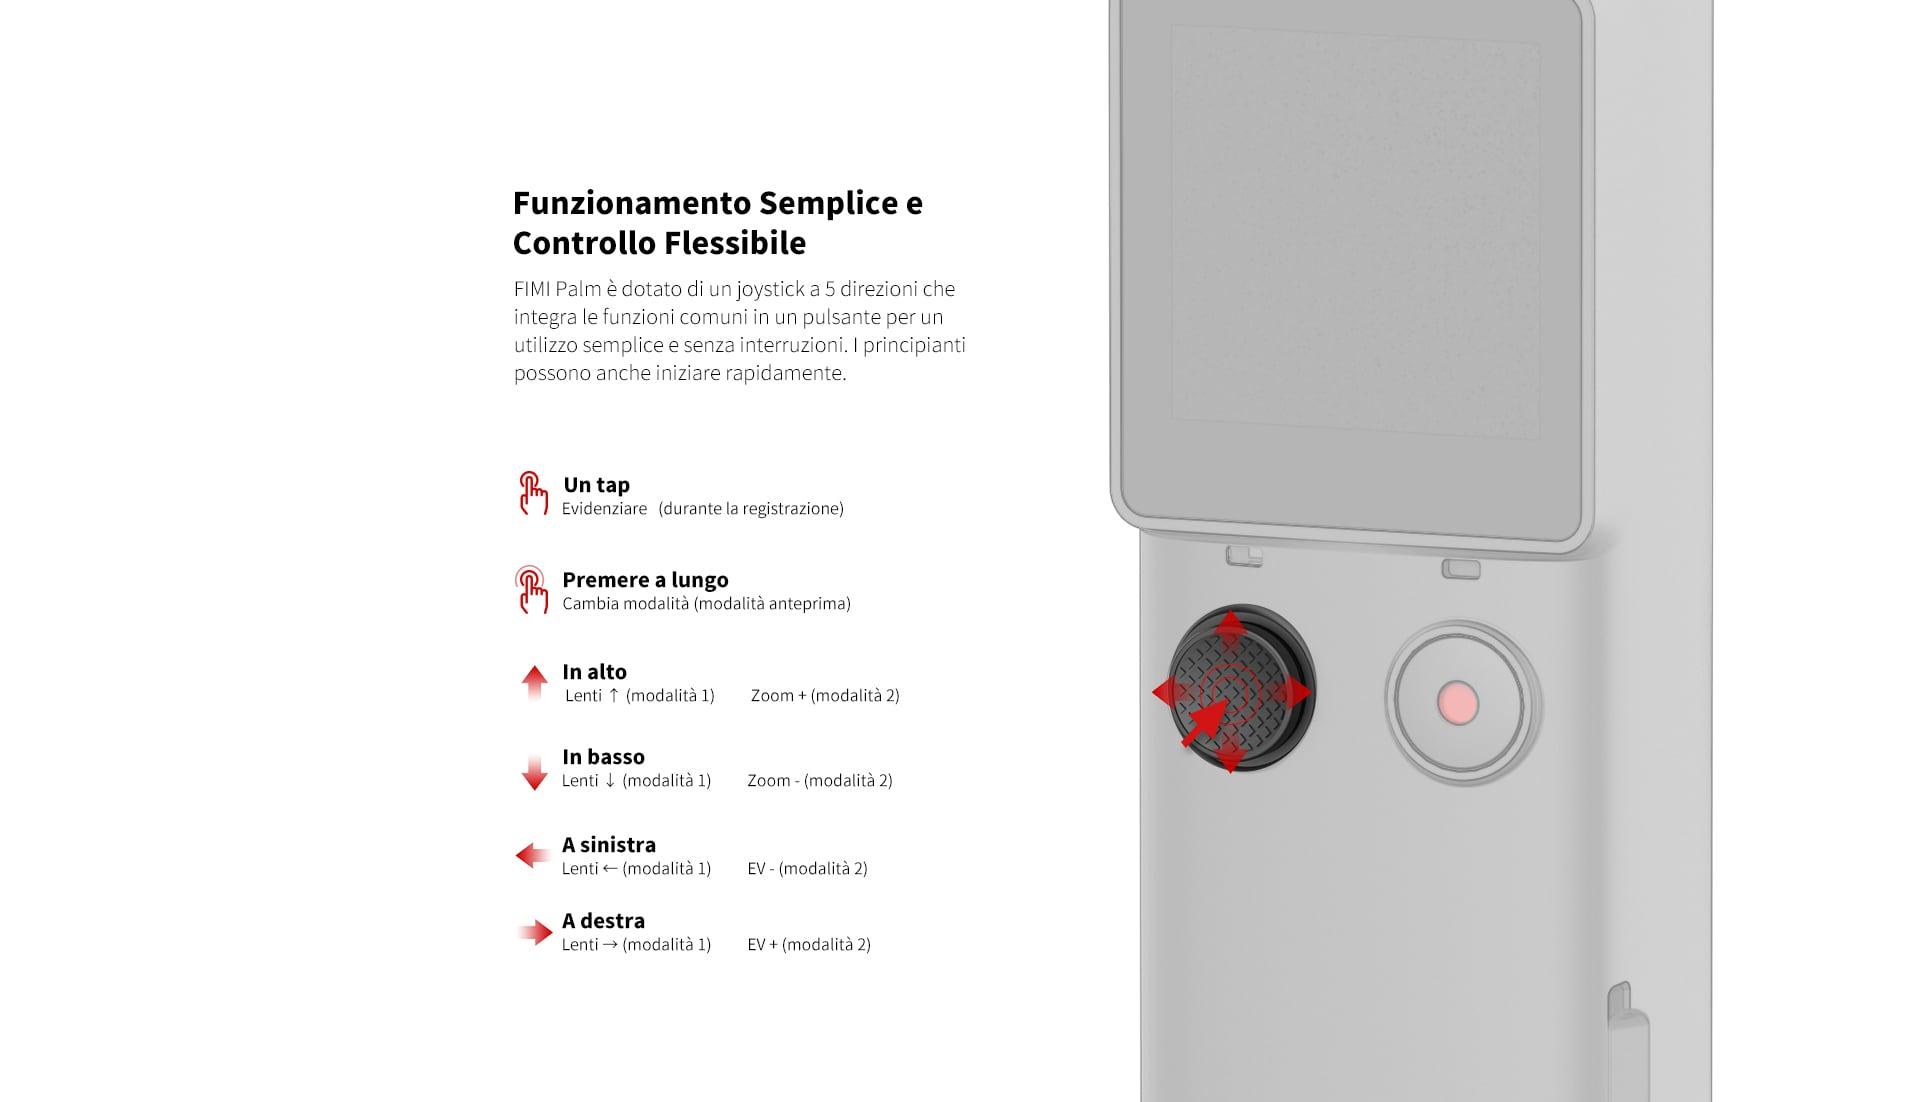 Xiaomi Fimi Palm - Le funzioni principale vengono gestite tramite un comodo joystick